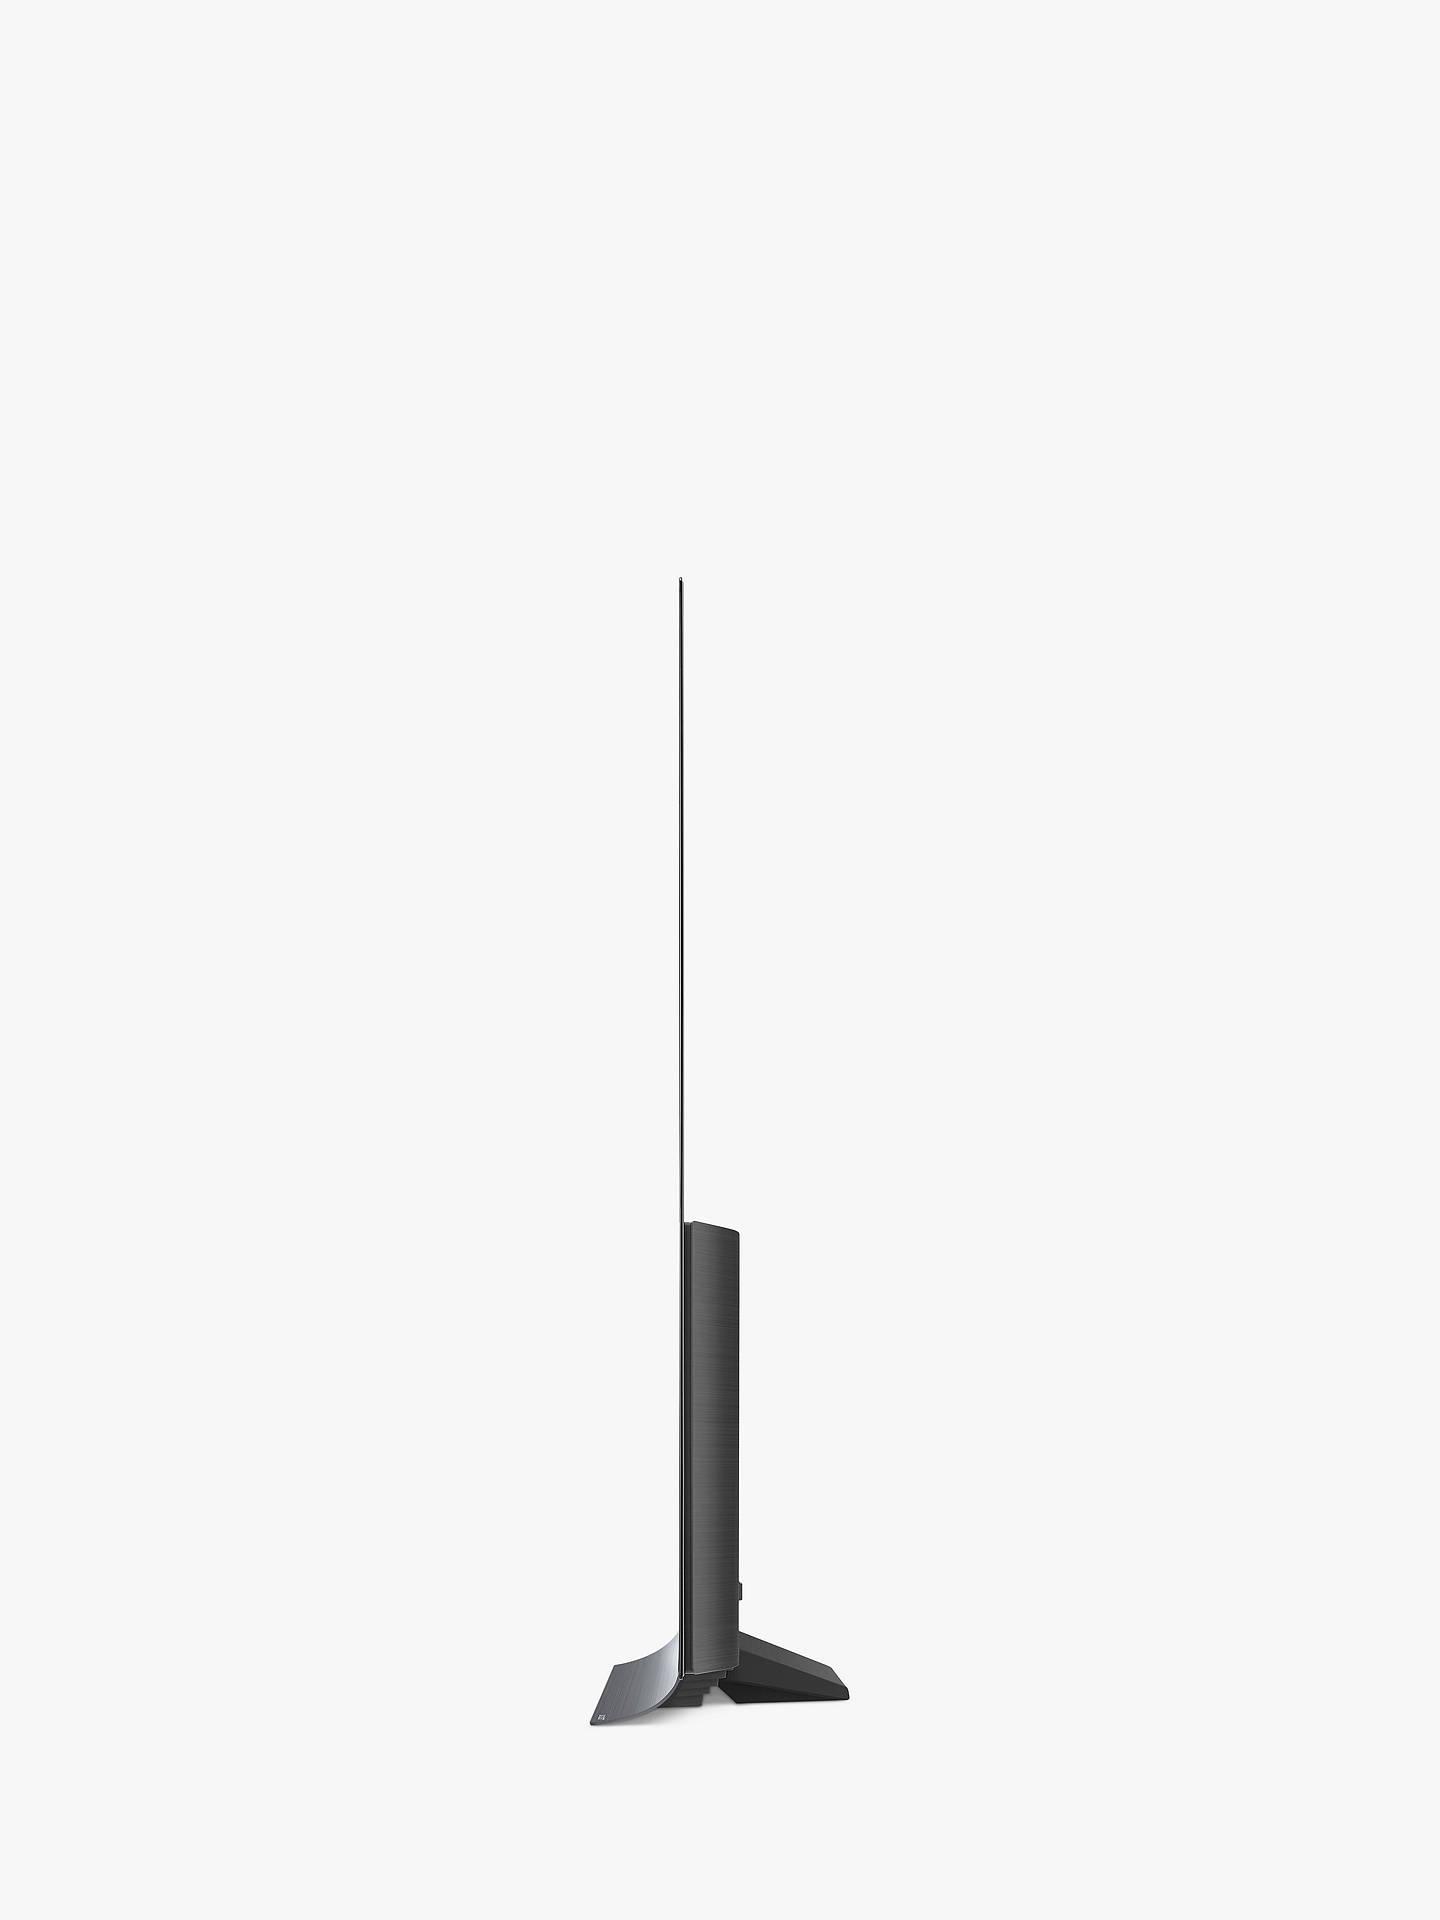 LG OLED65C8PLA OLED HDR 4K Ultra HD Smart TV, 65